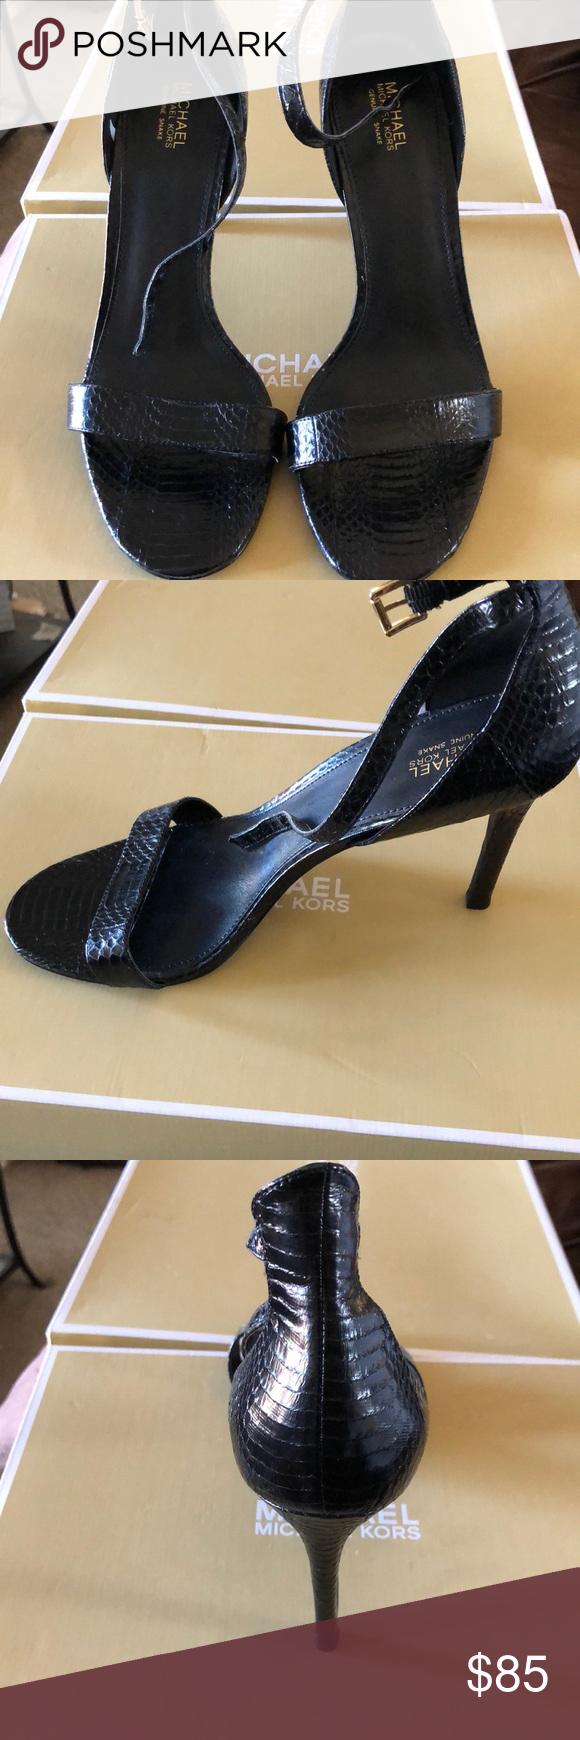 Michael kors shoes heels, Heels